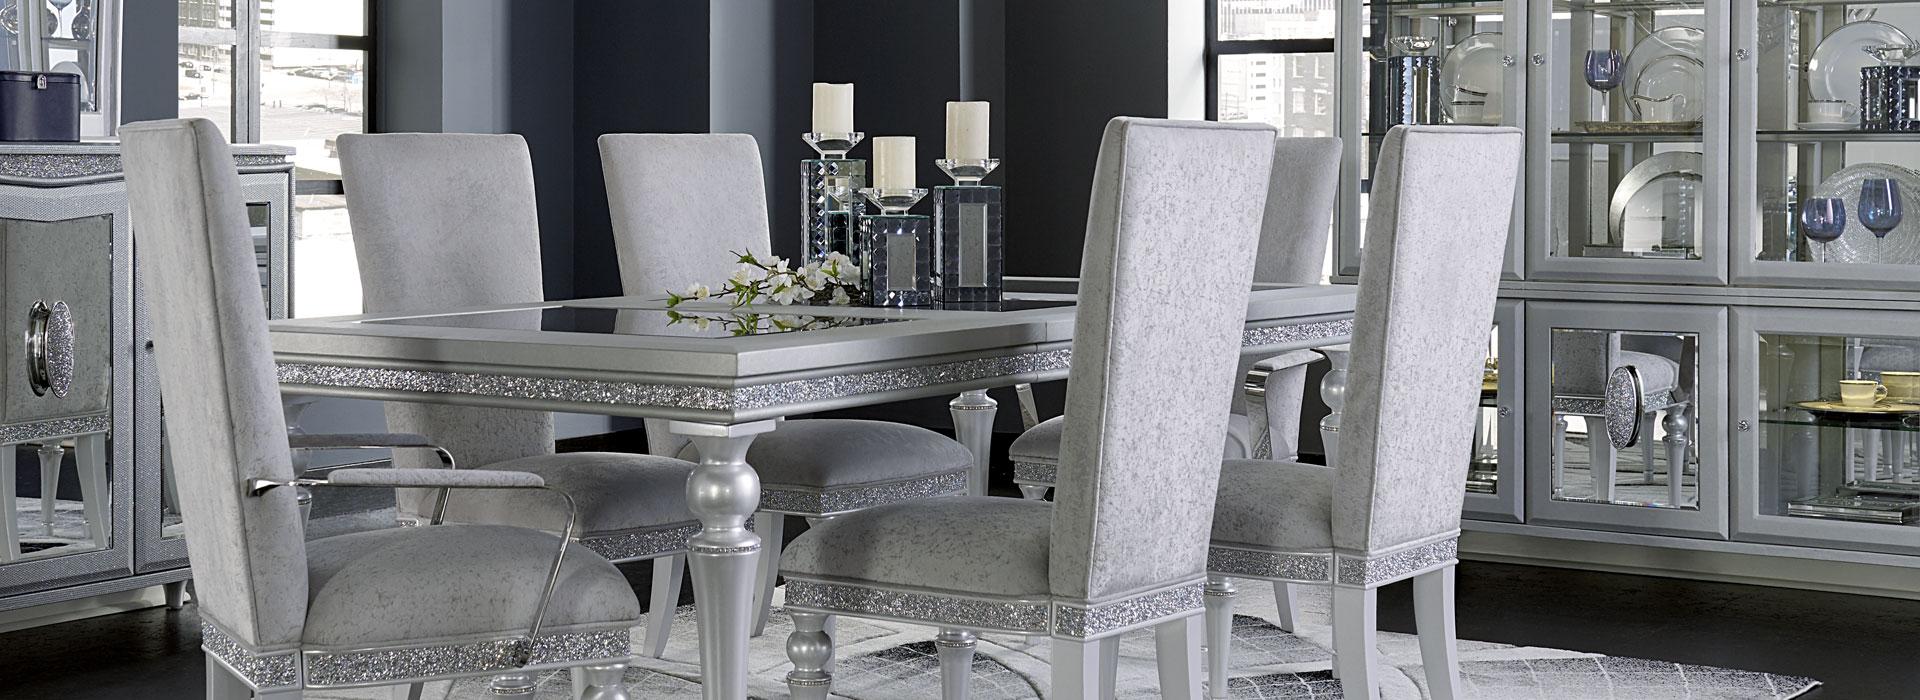 plaza furnishings lri furniture design